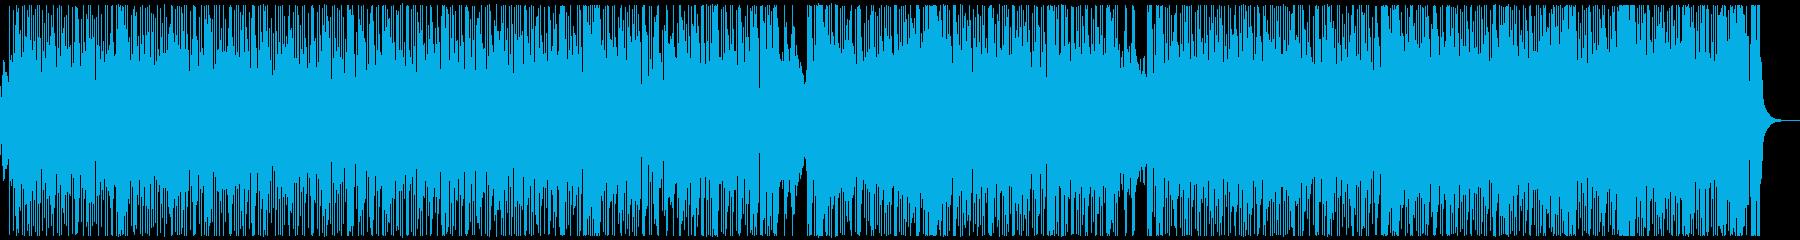 ボサノバのバラードの再生済みの波形